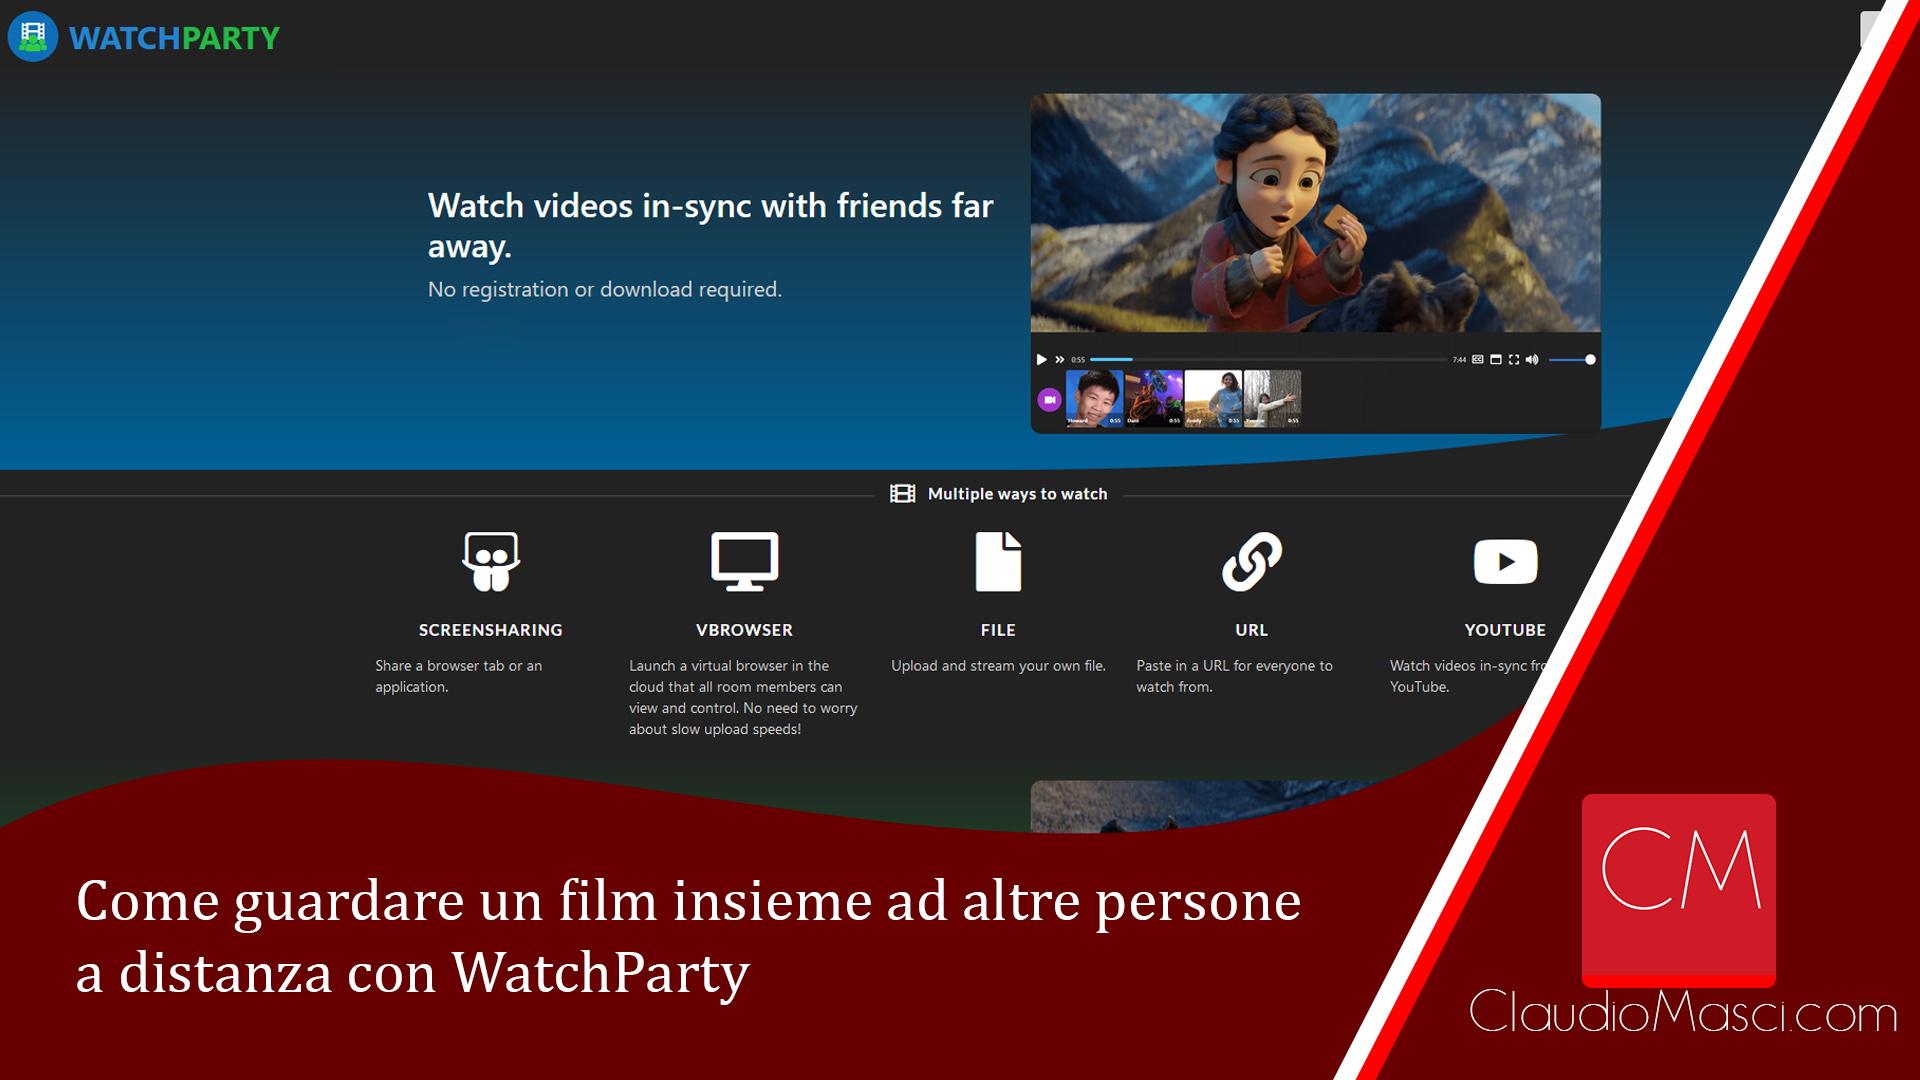 Come guardare un film insieme ad altre persone a distanza con WatchParty